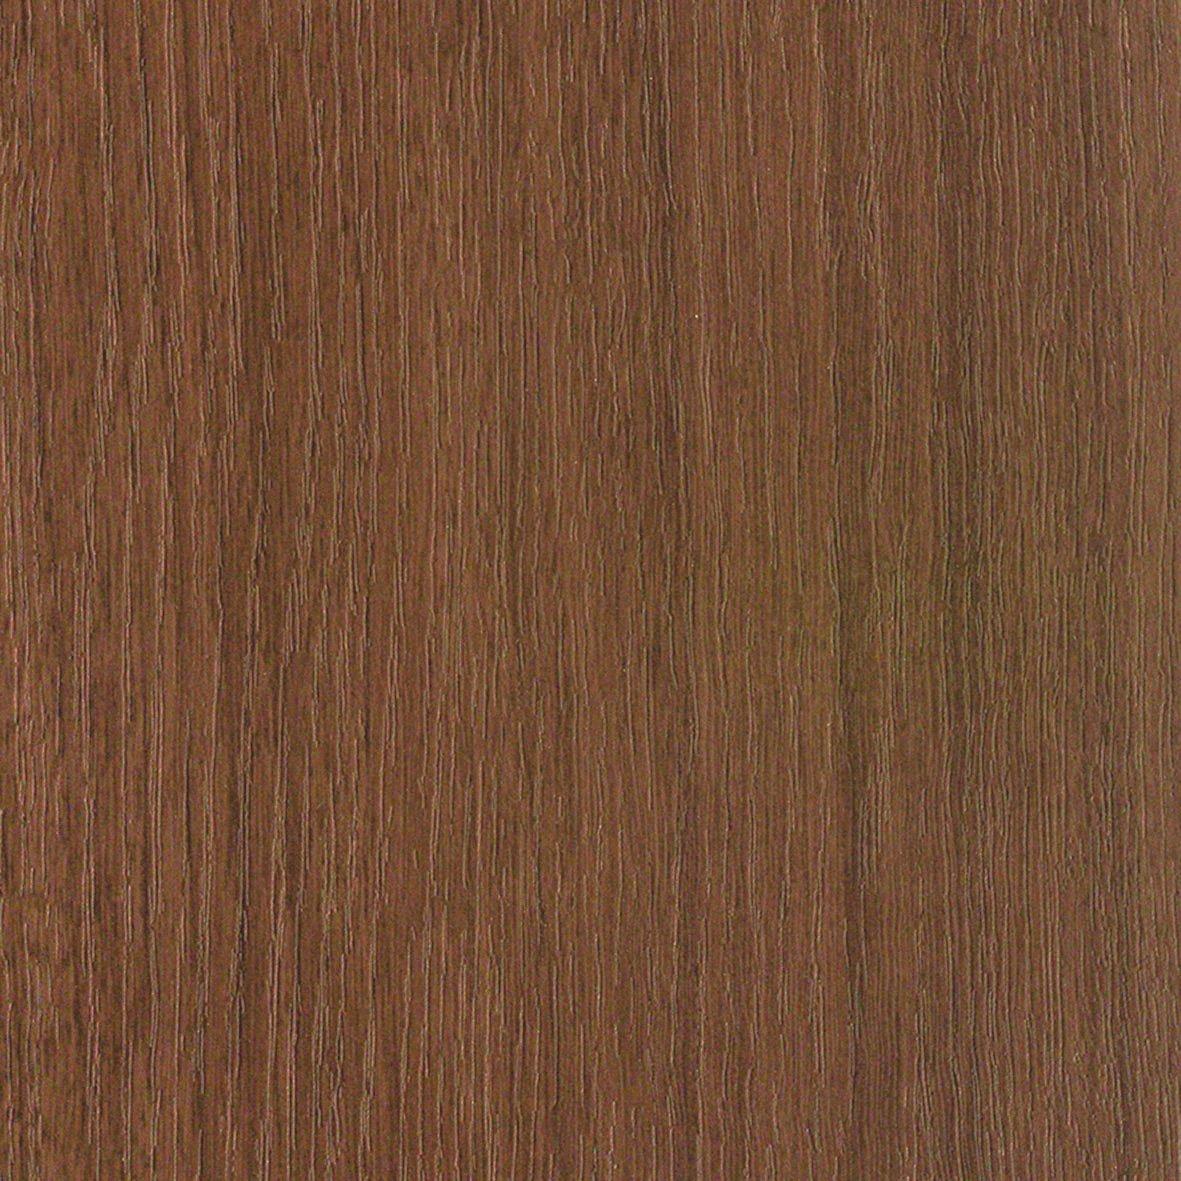 リリカラ 壁紙27m ナチュラル 木目調 ブラウン LL-8799 B01N3WAULT 27m|ブラウン2